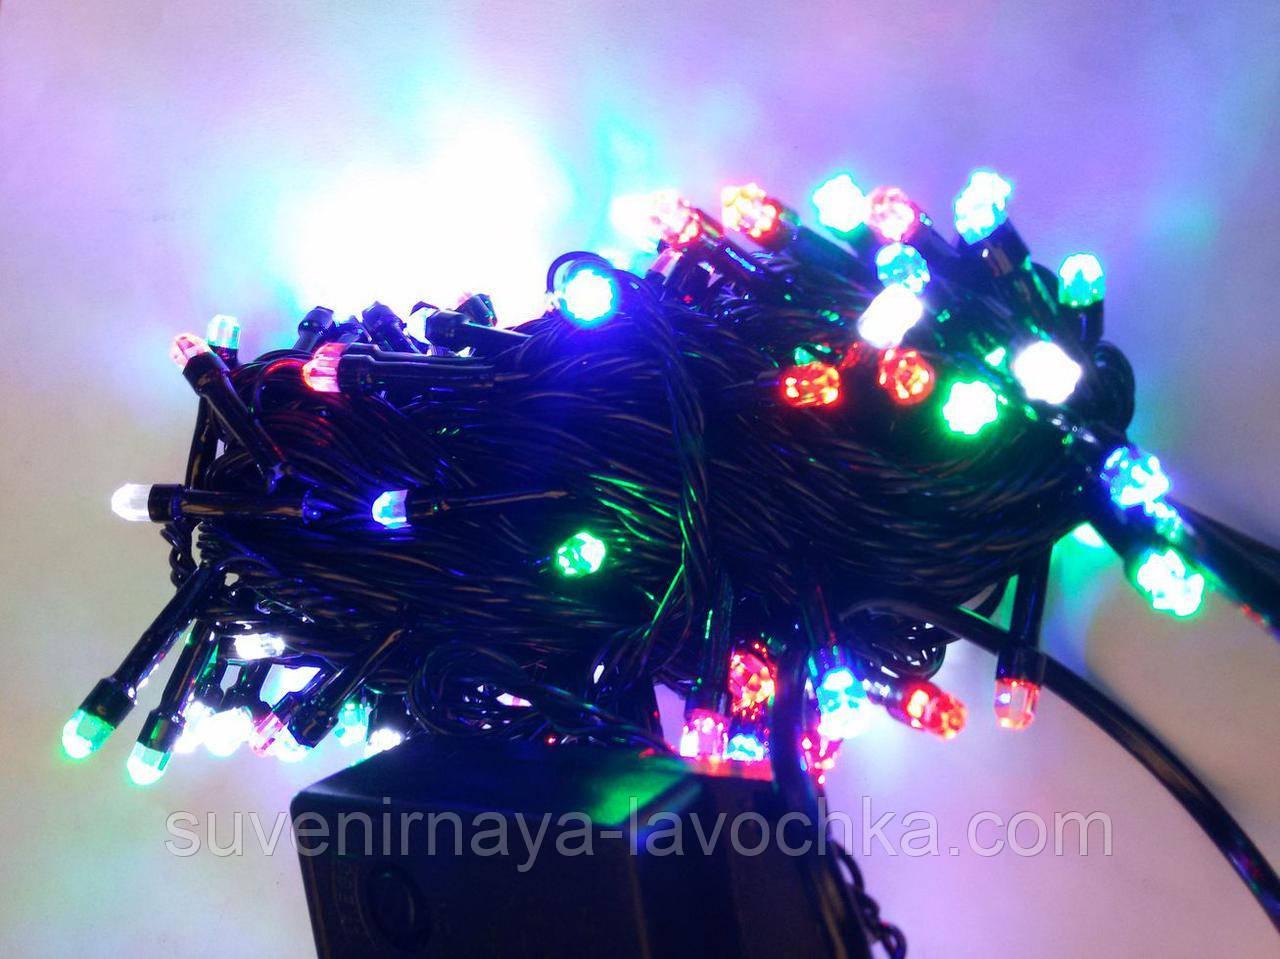 Гірлянда КРИСТАЛ 200 LED 5mm на чорному проводі, різнокольорова